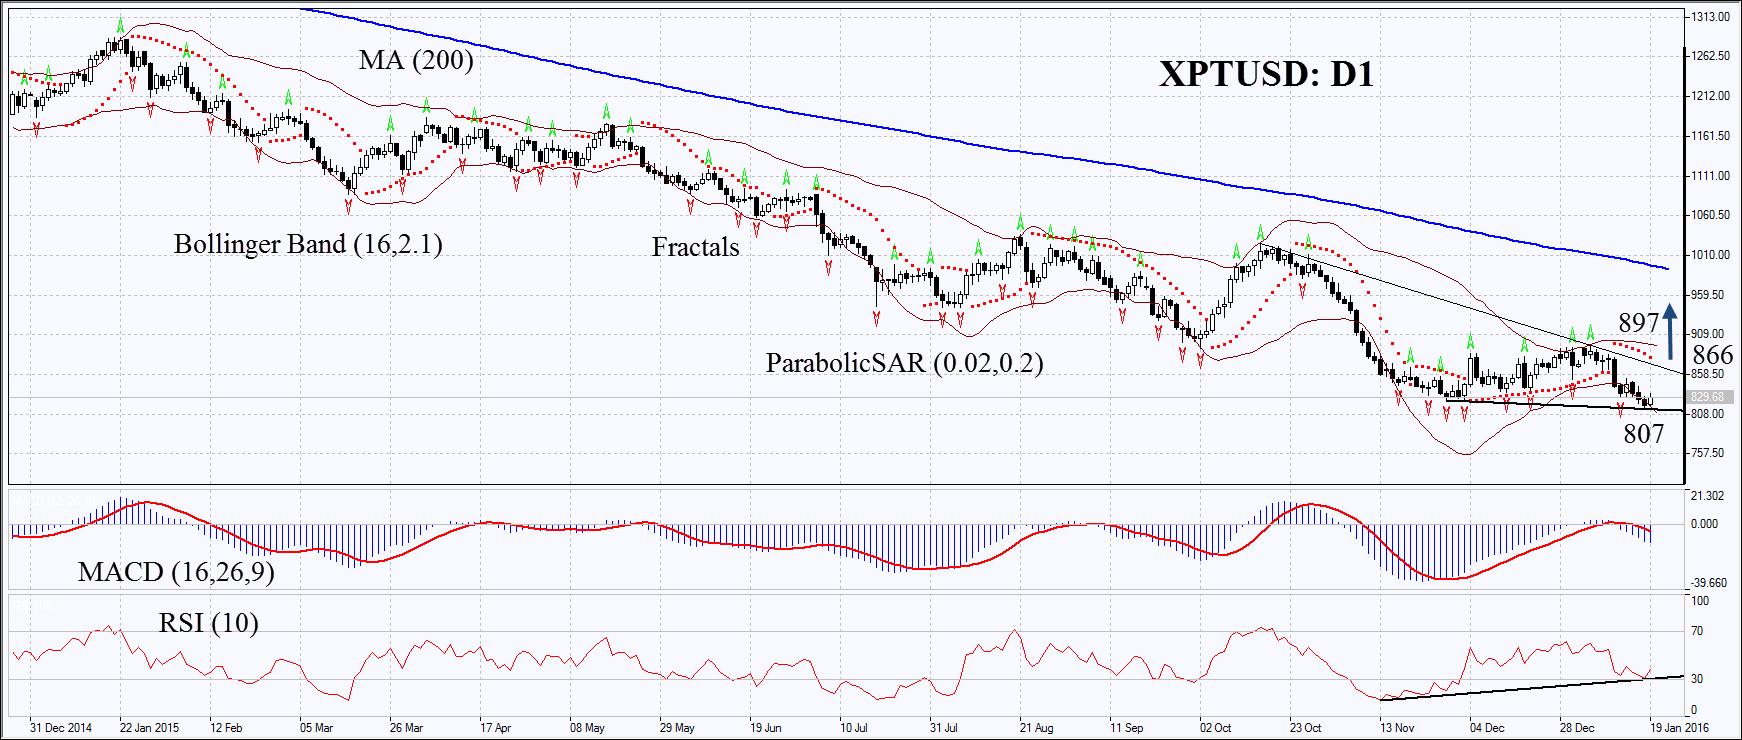 XPTUSD